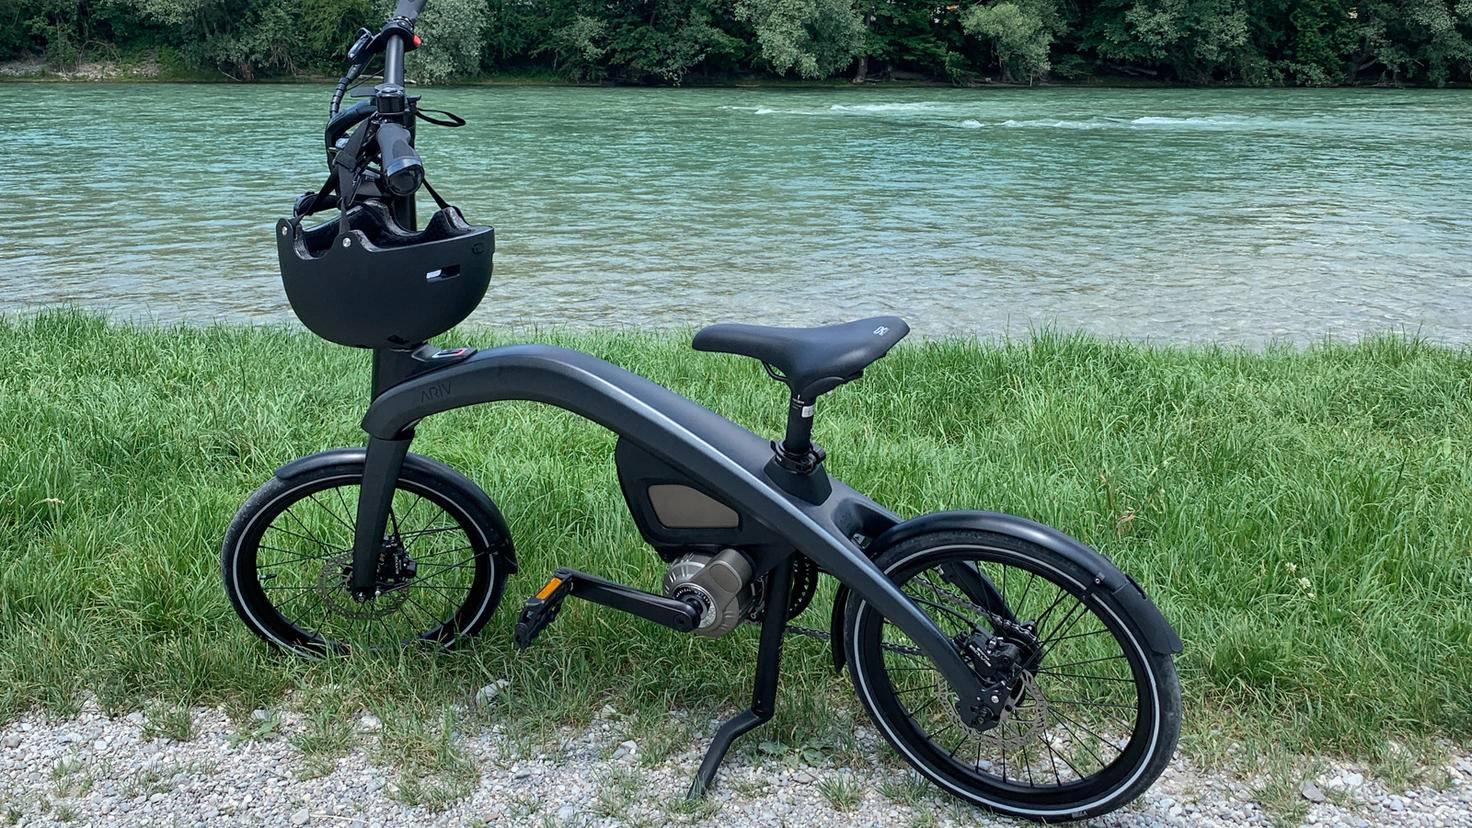 Geschwungener Rahmen, kleine Räder: Die markante Optik der Ariv-Bikes sorgt für Aufsehen.